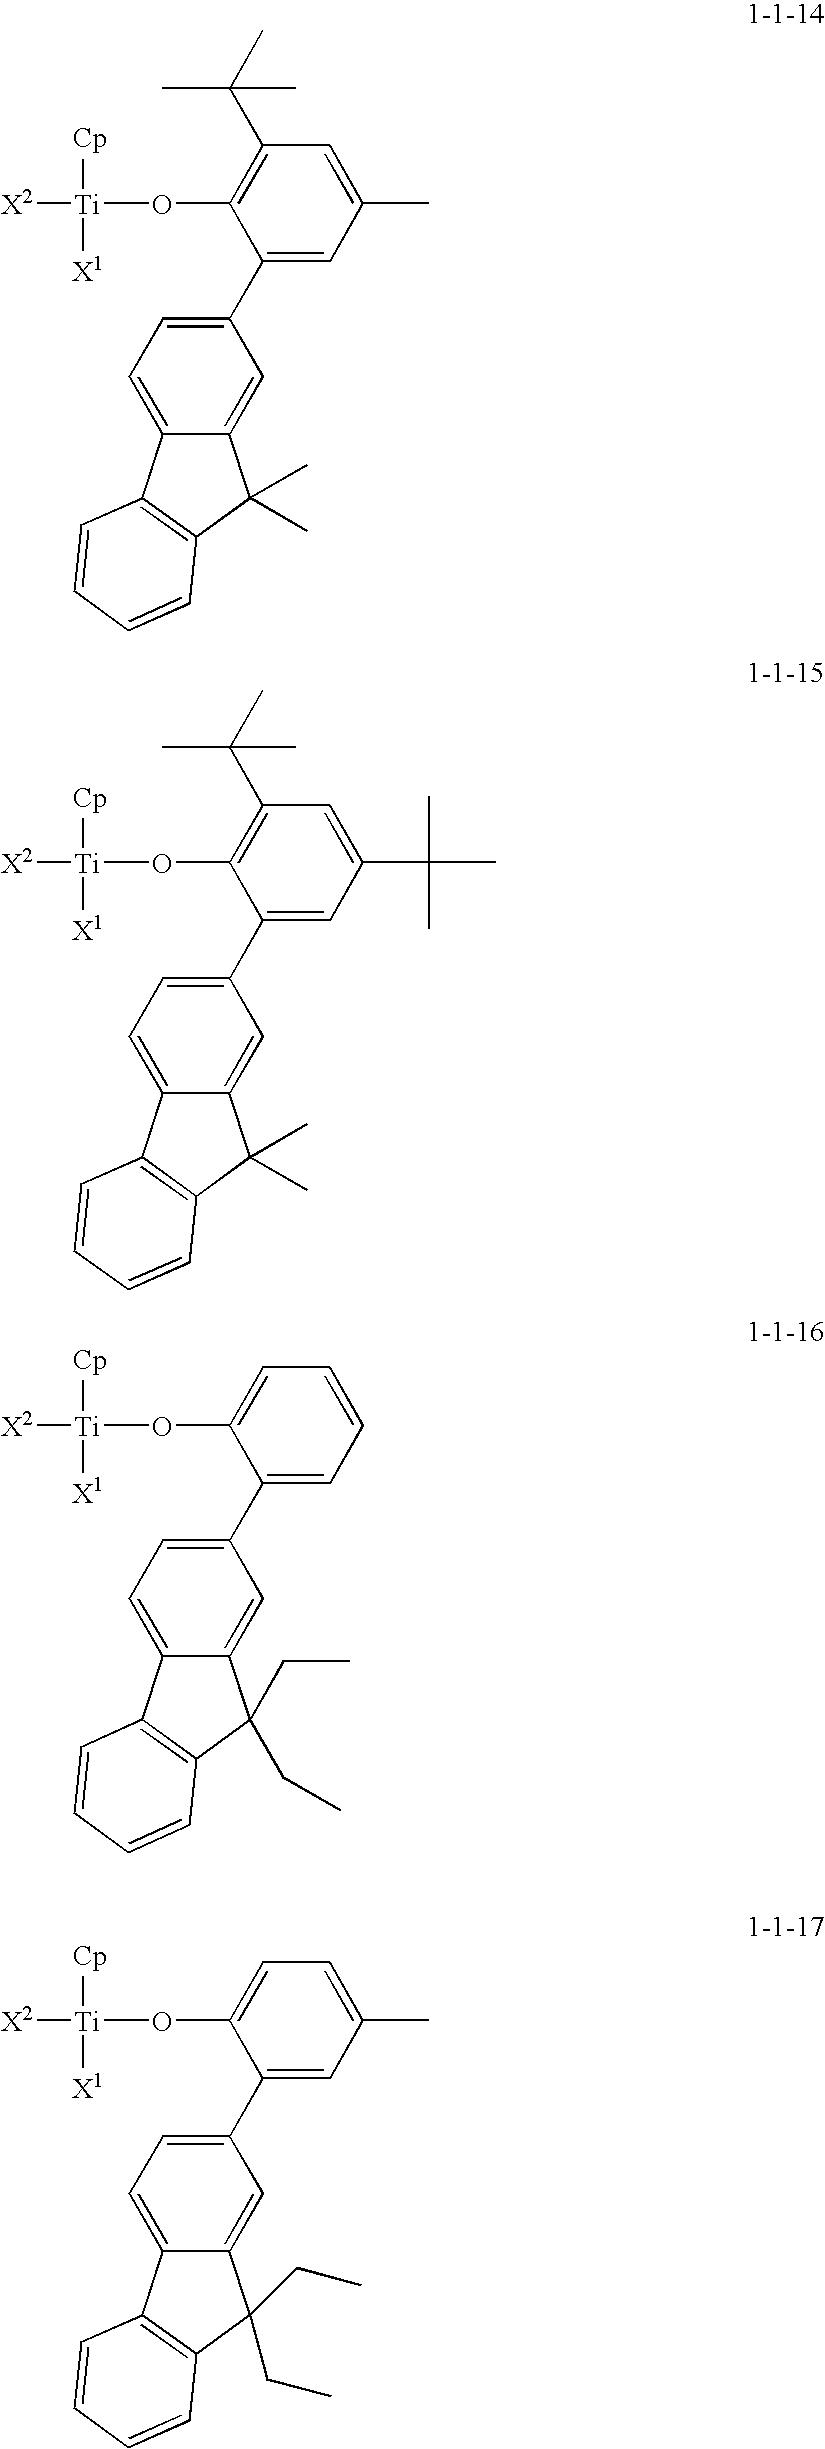 Figure US20100081776A1-20100401-C00007